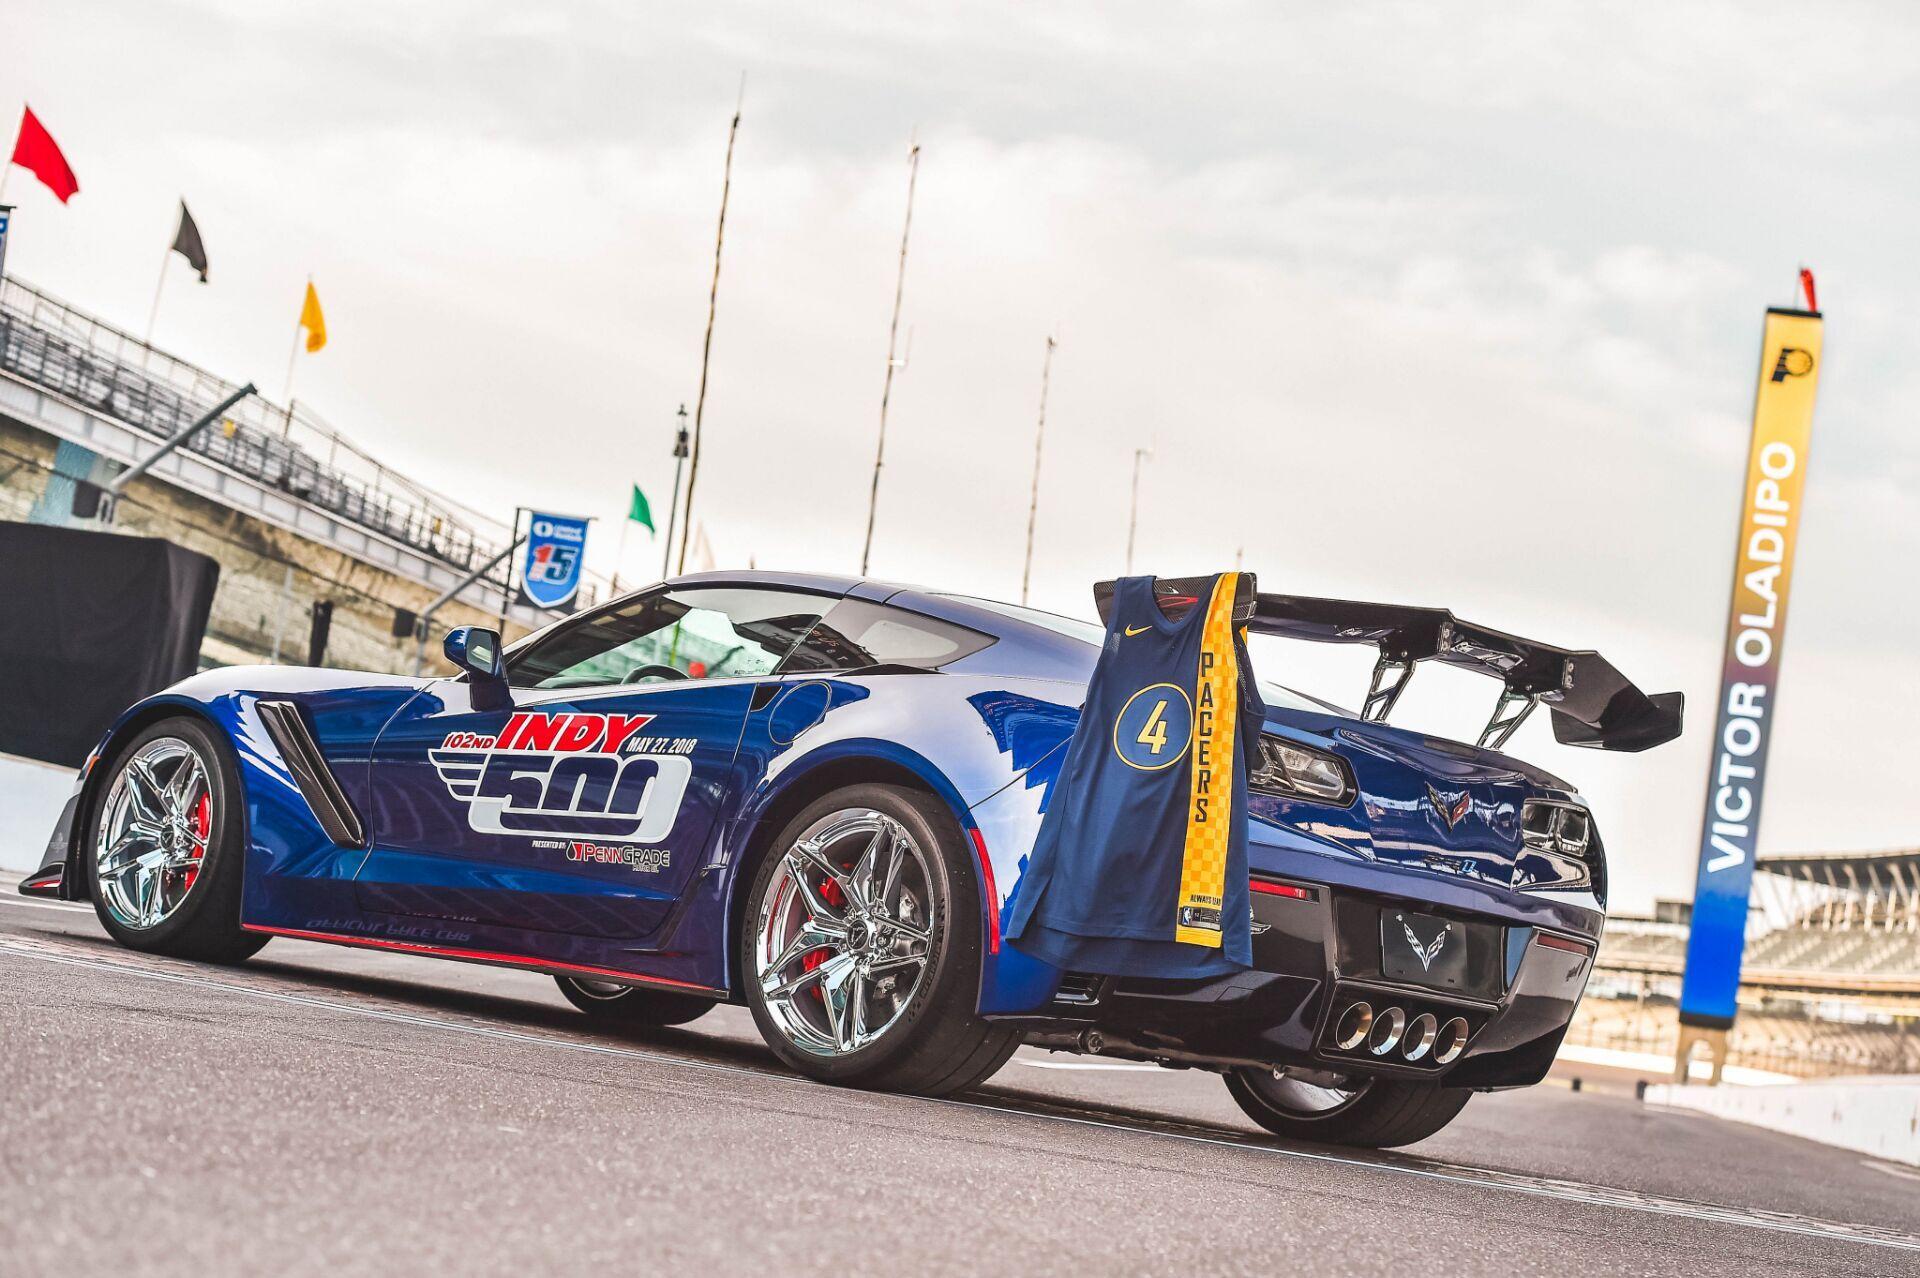 奥拉迪波将担任印第安纳波利斯500汽车赛领驶车手